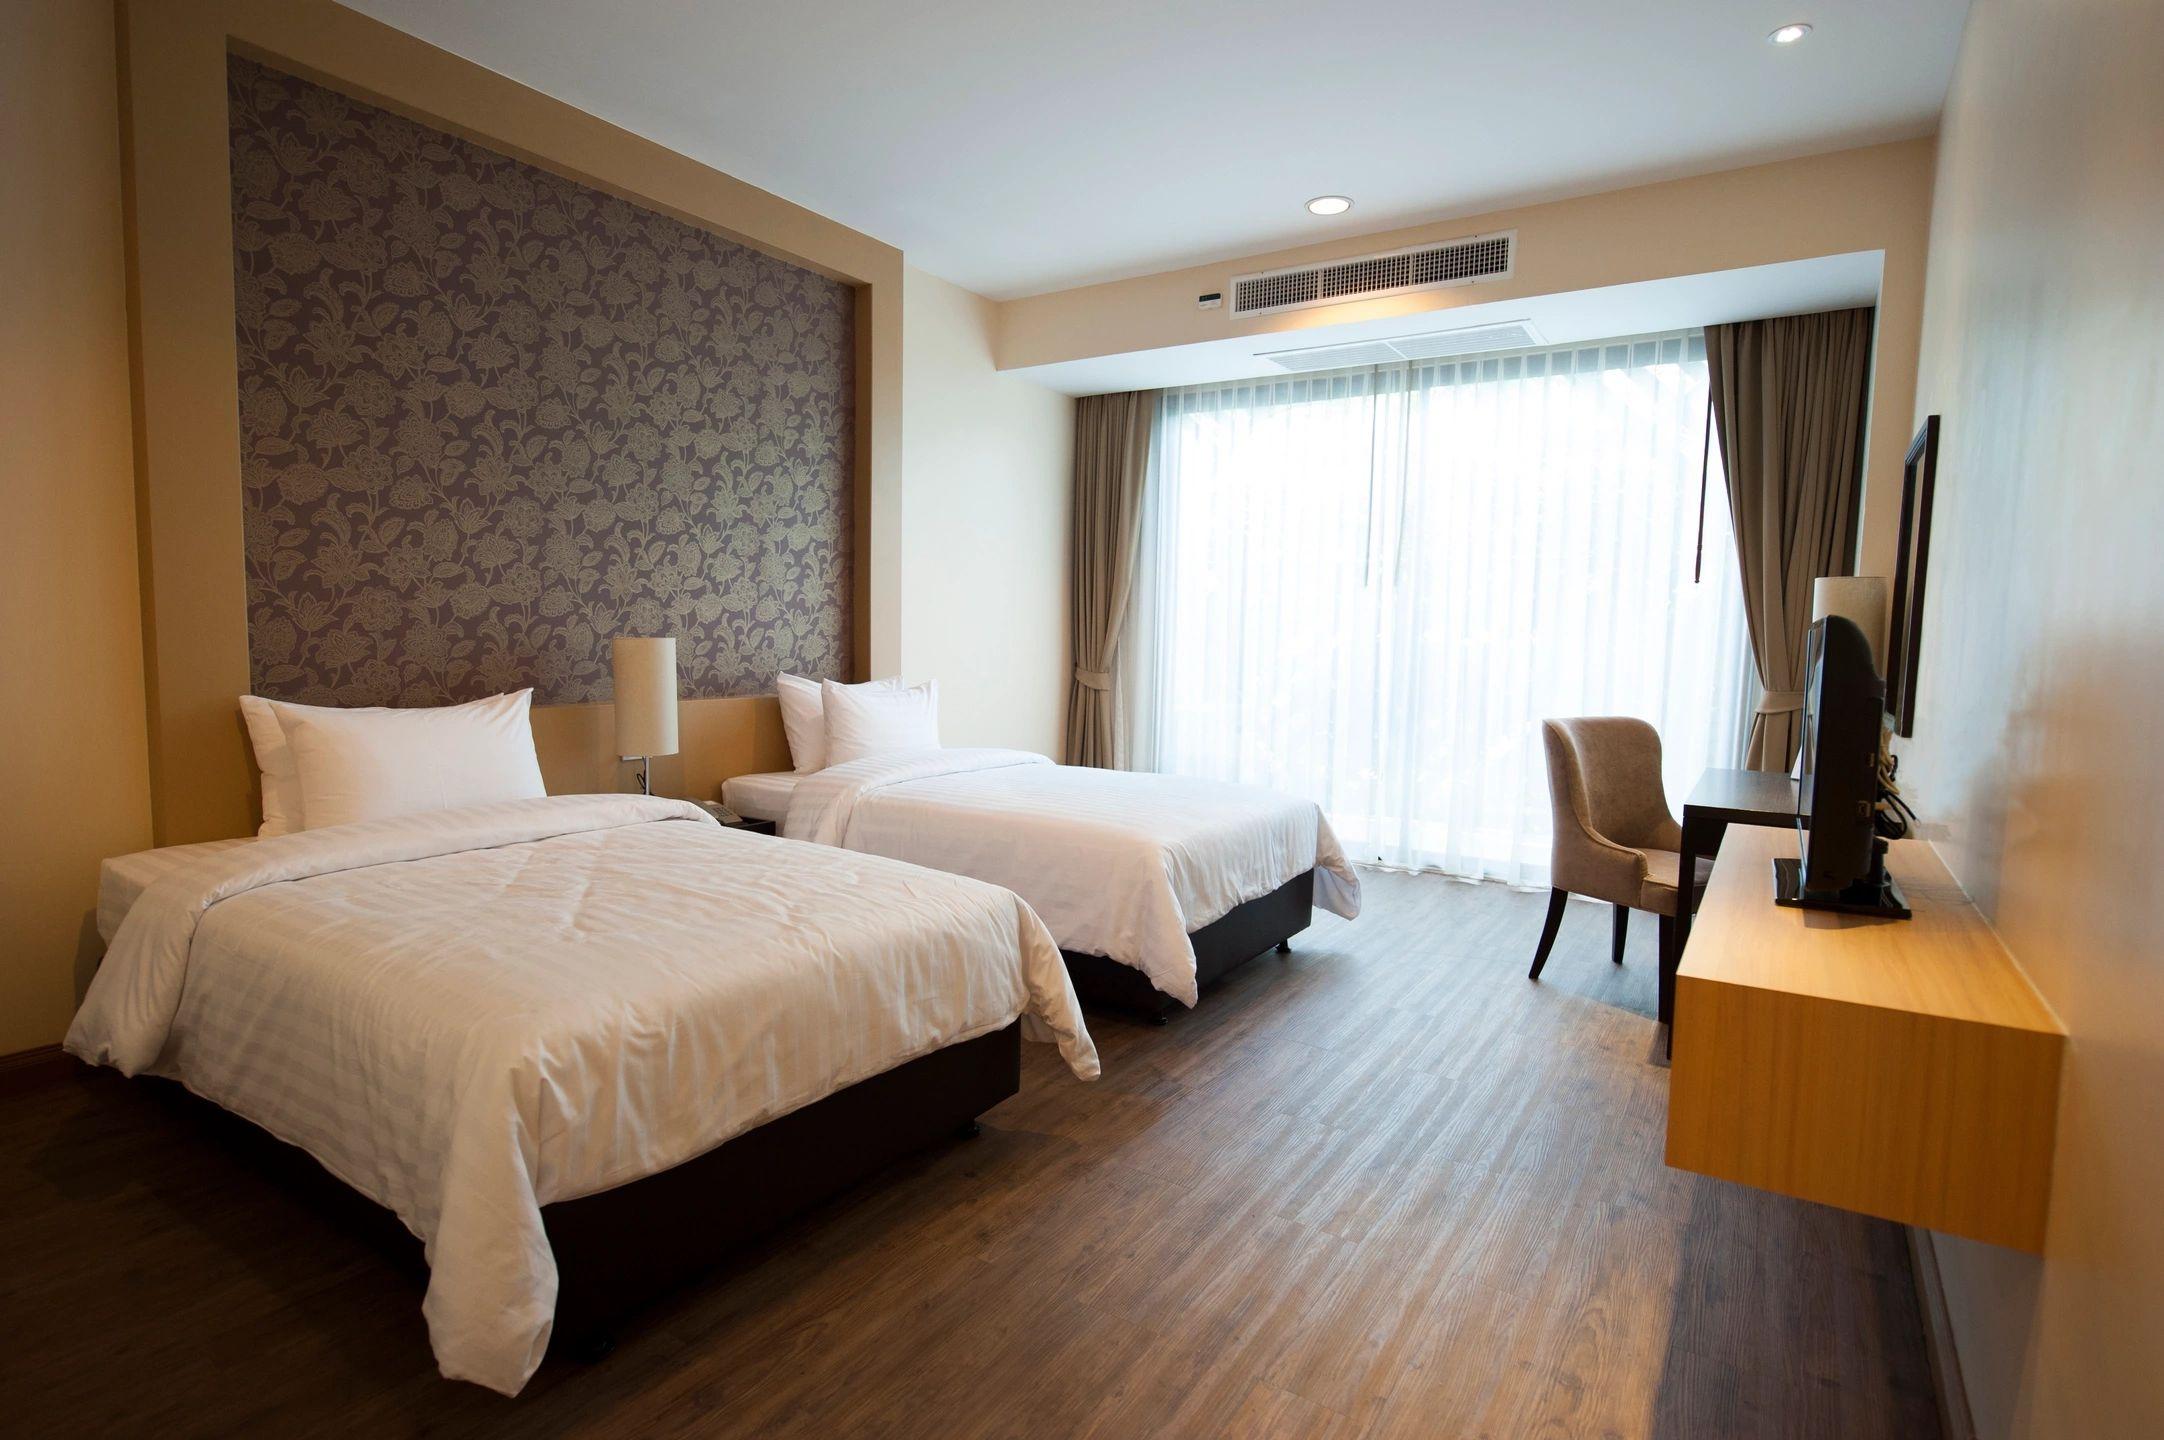 DoubleTree la nueva cadena de hoteles que inicia operaciones en Nicaragua